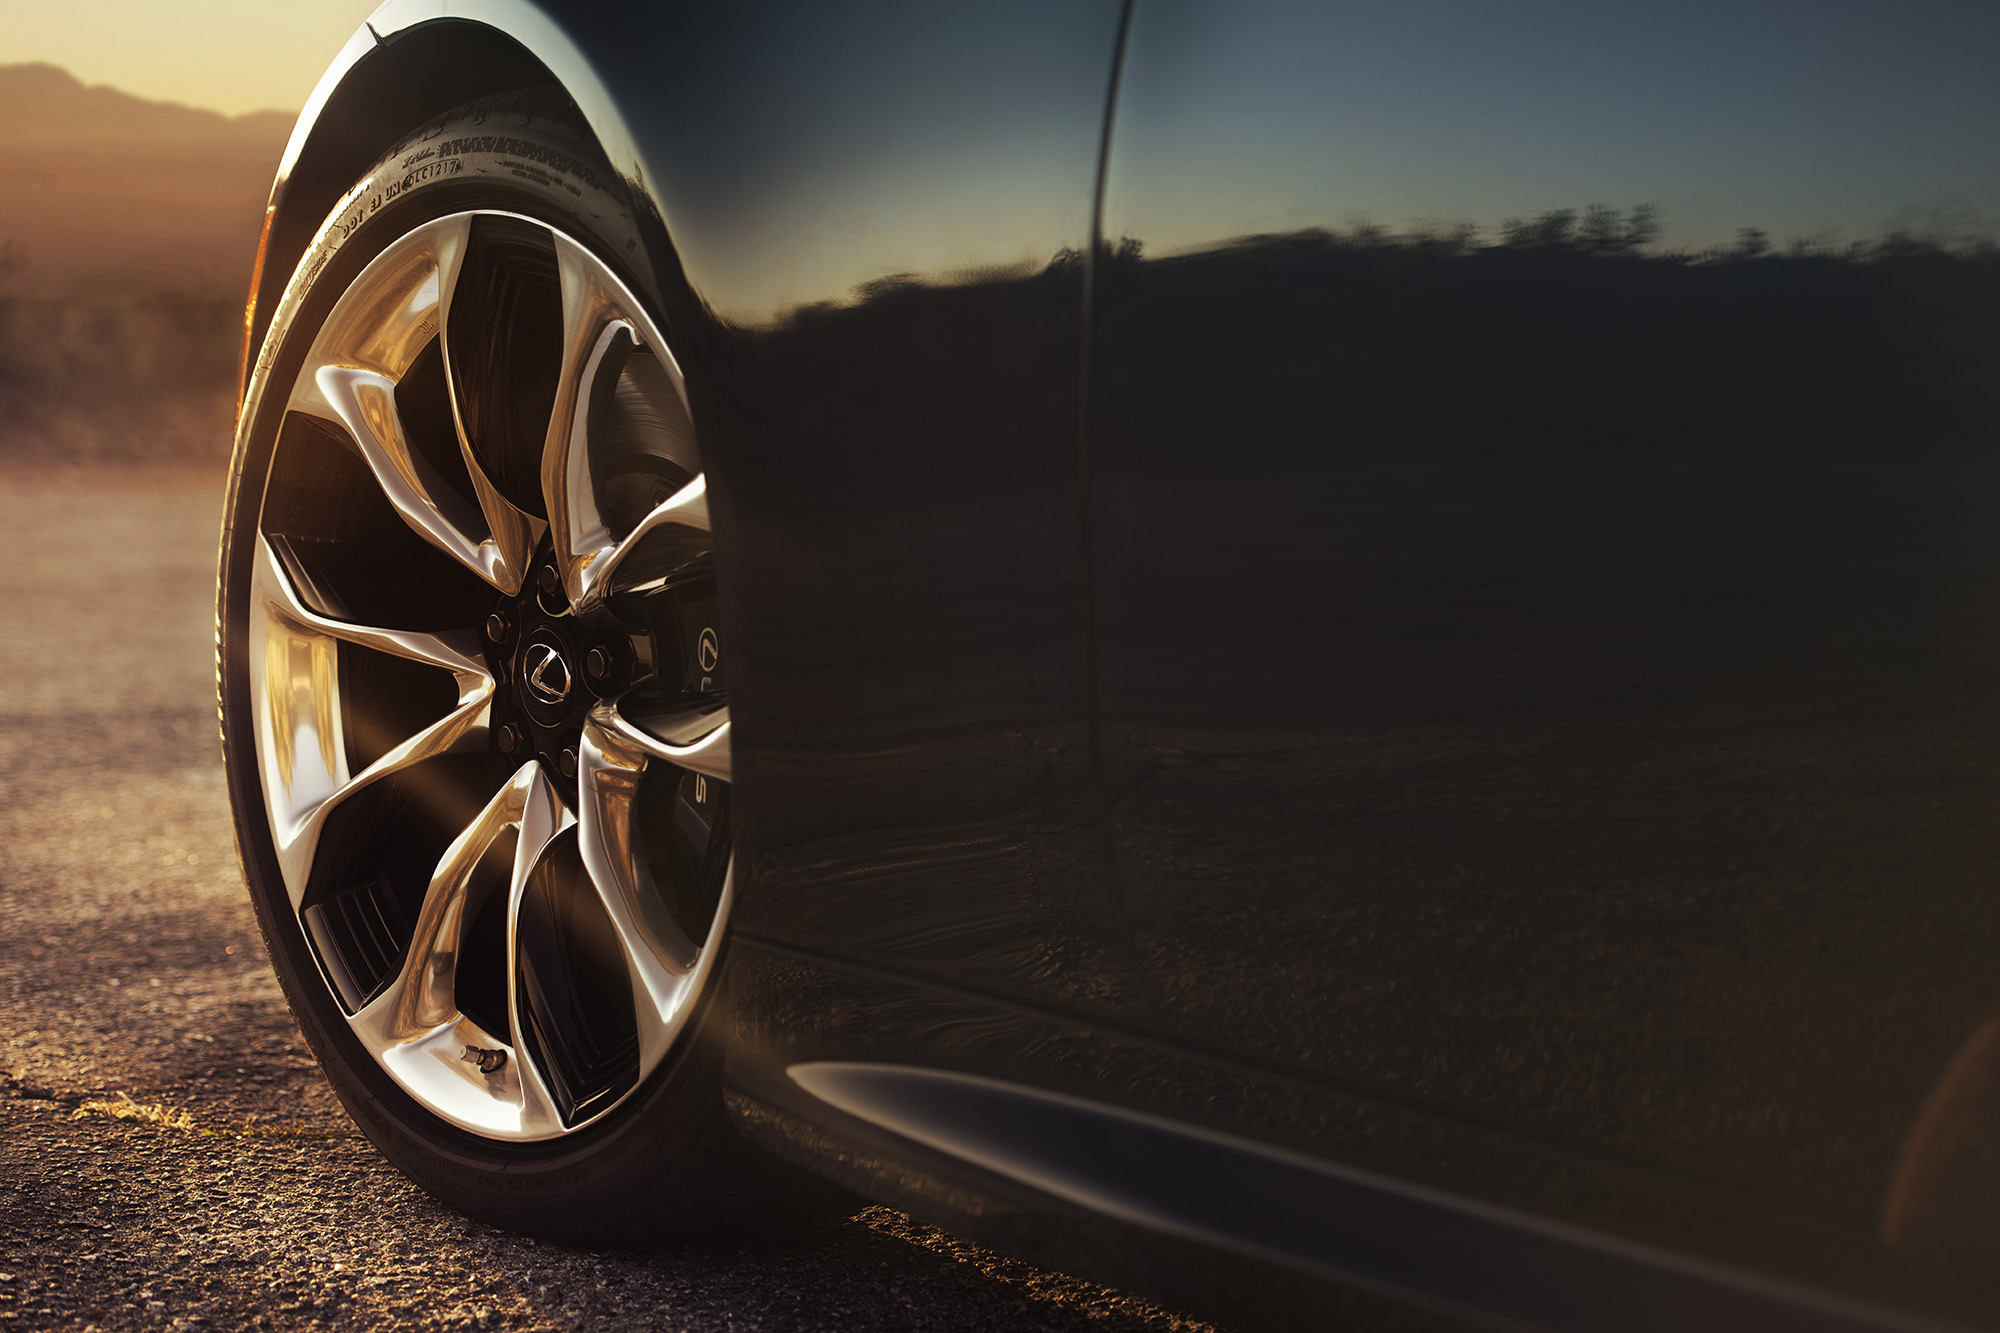 lexus Wheel detail.jpg